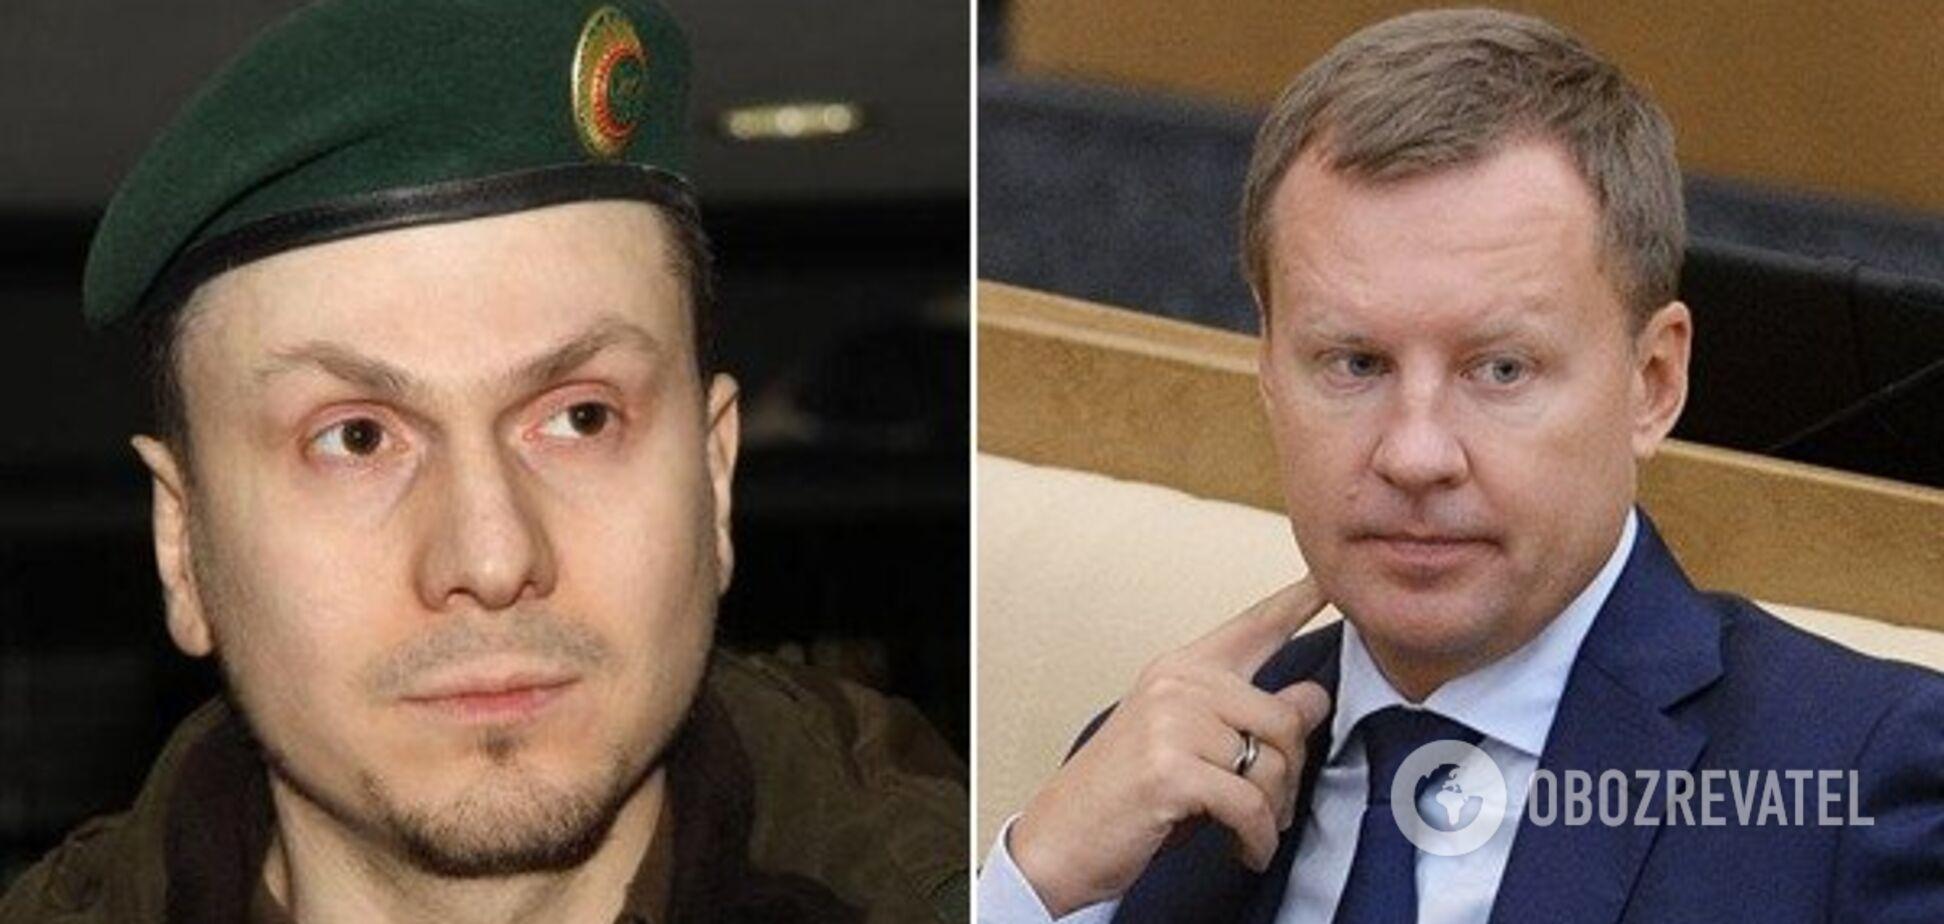 Подрыв авто разведчика в Киеве: найдена связь с убийствами Вороненкова и Осмаева